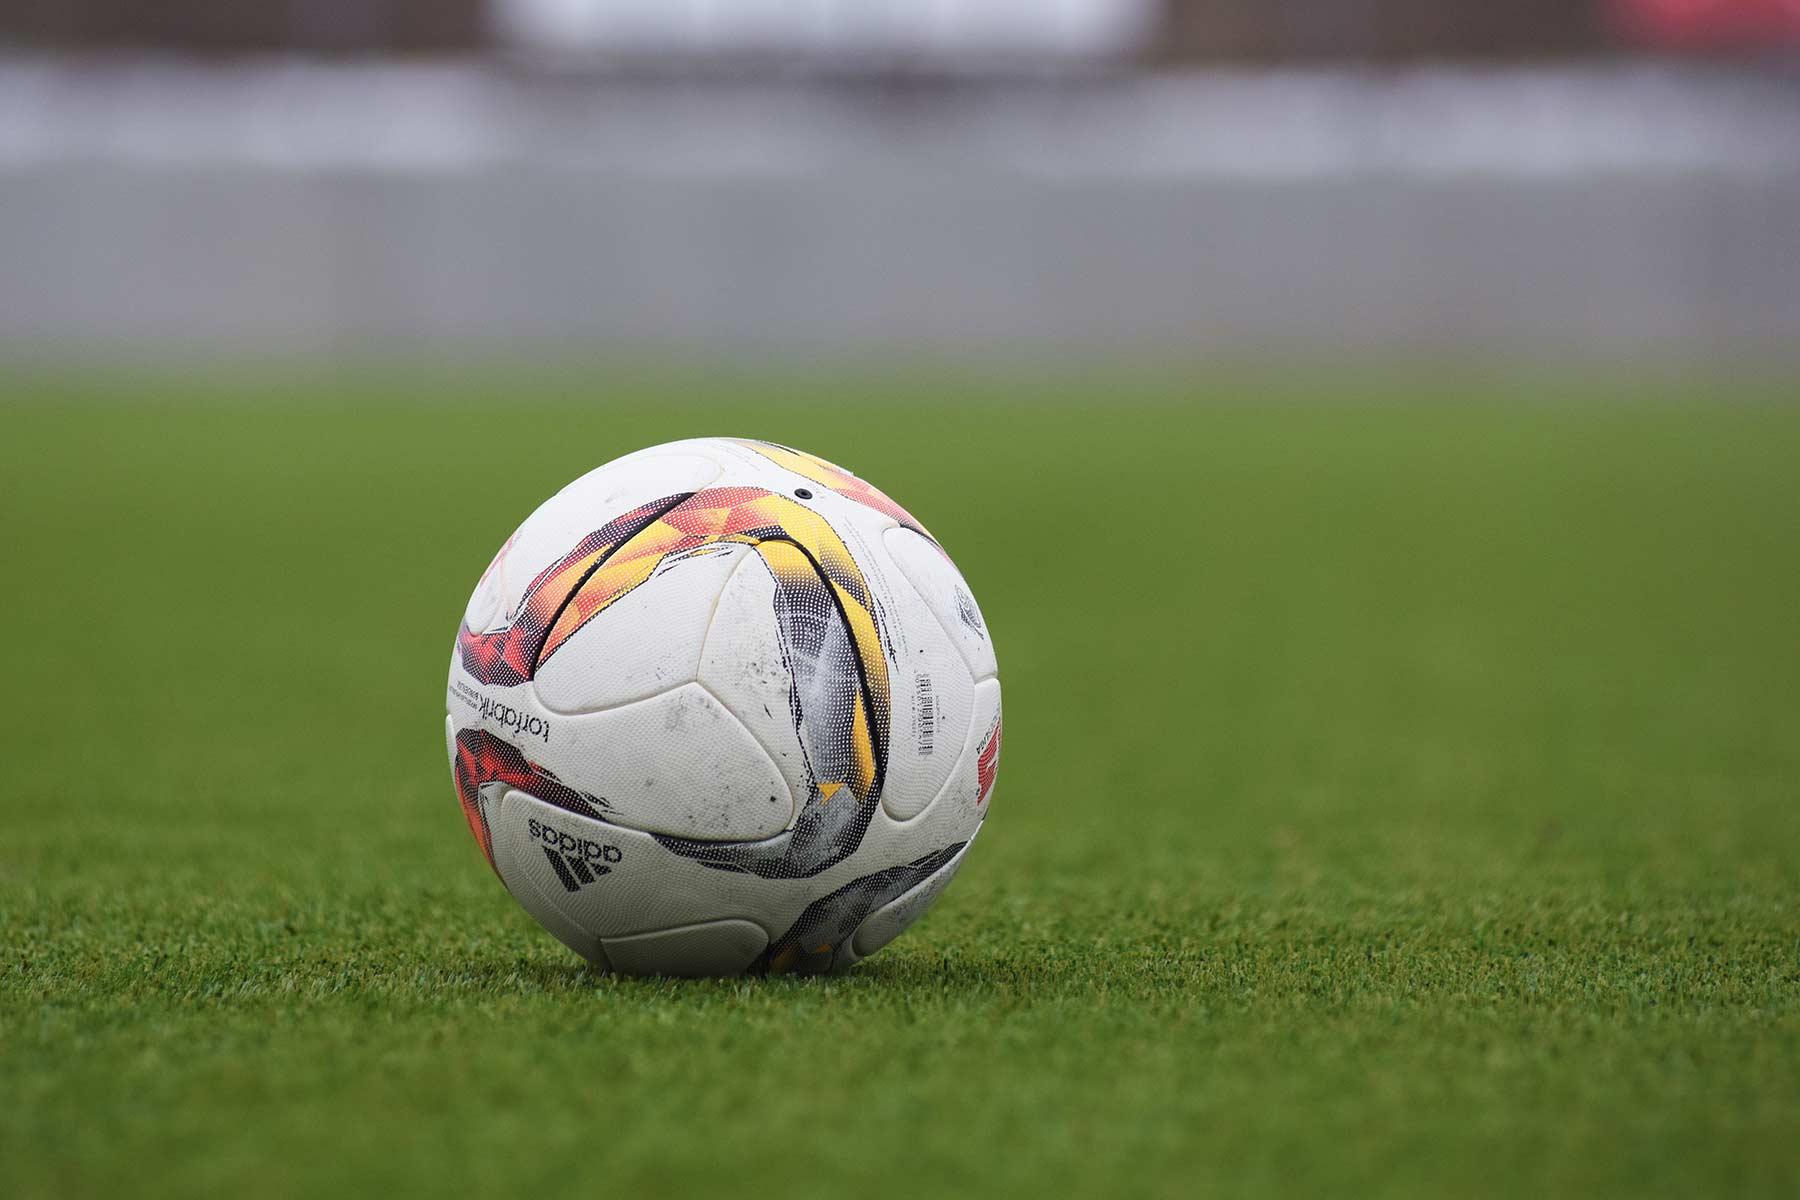 Dauert ein Fußballspiel bald 2x30 Minuten? bundesliga-neue-regeln